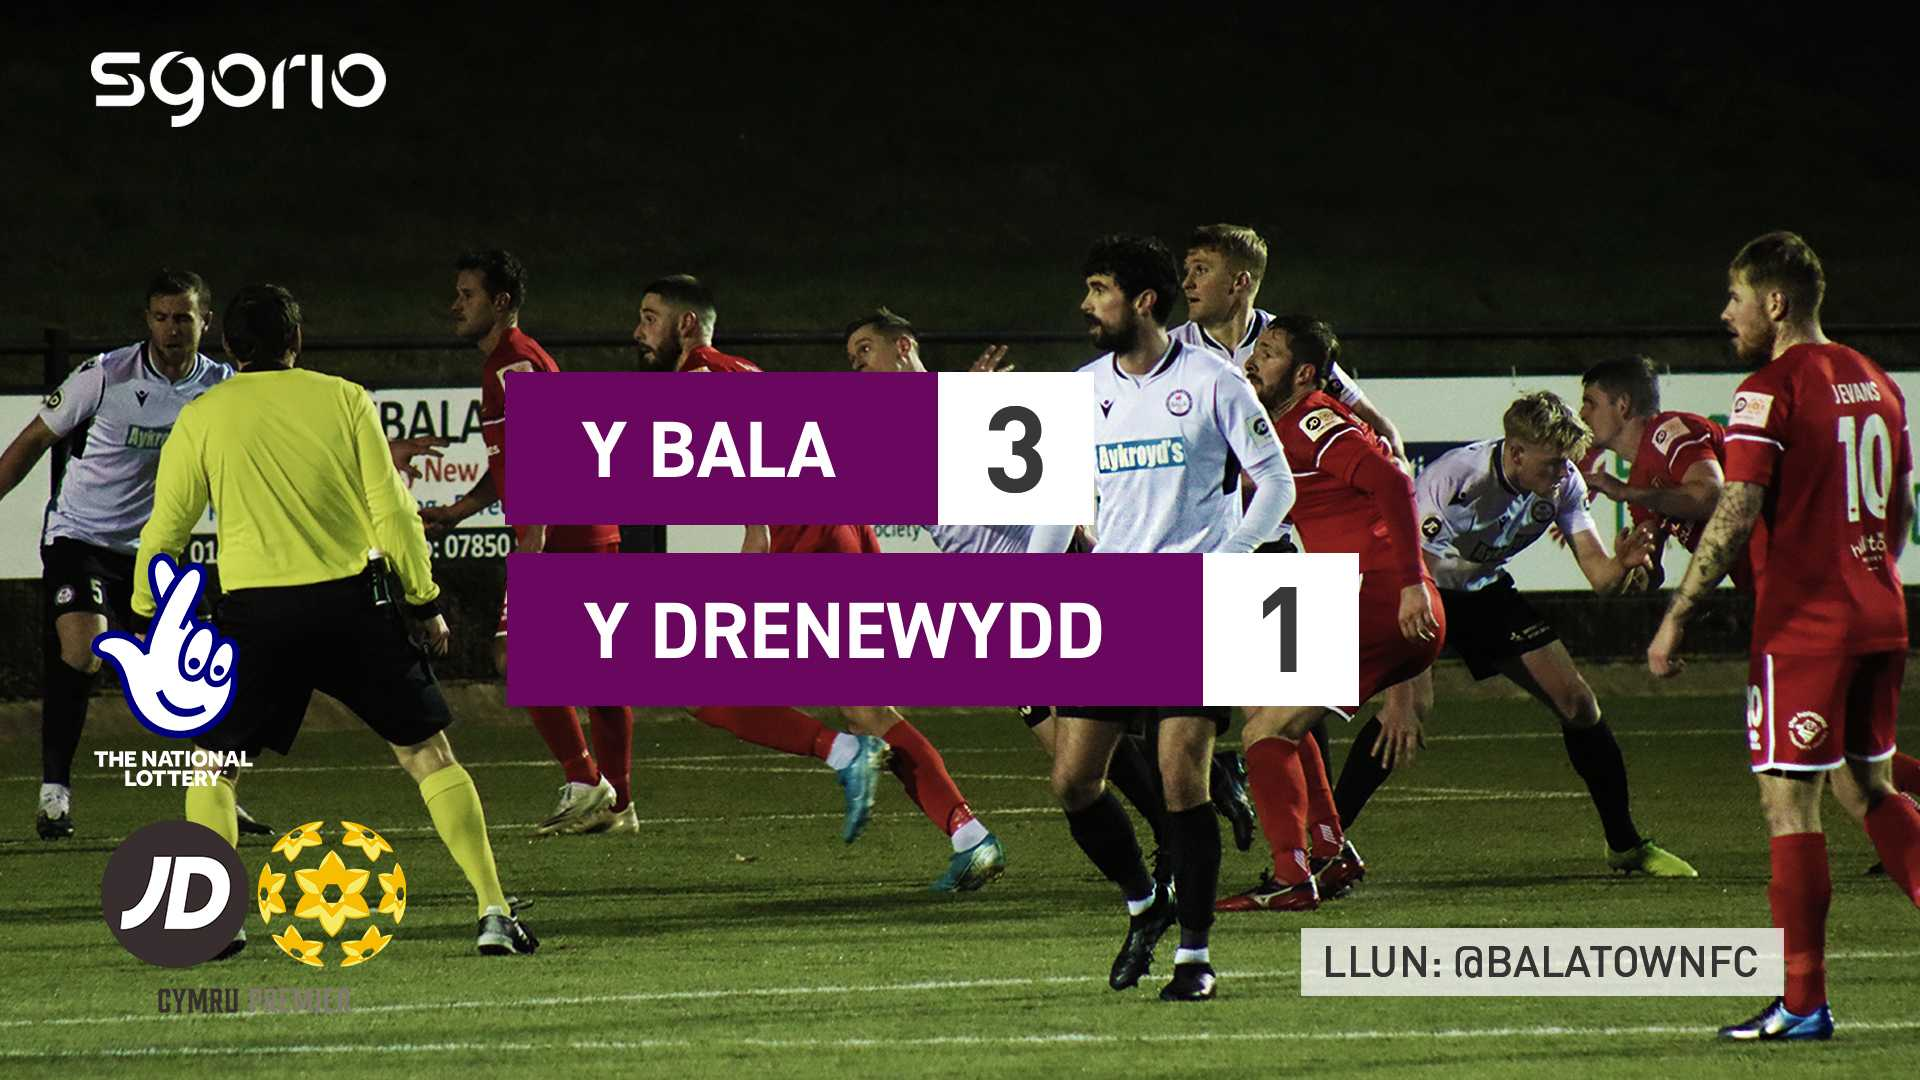 Y Bala 3-1 Y Drenewydd